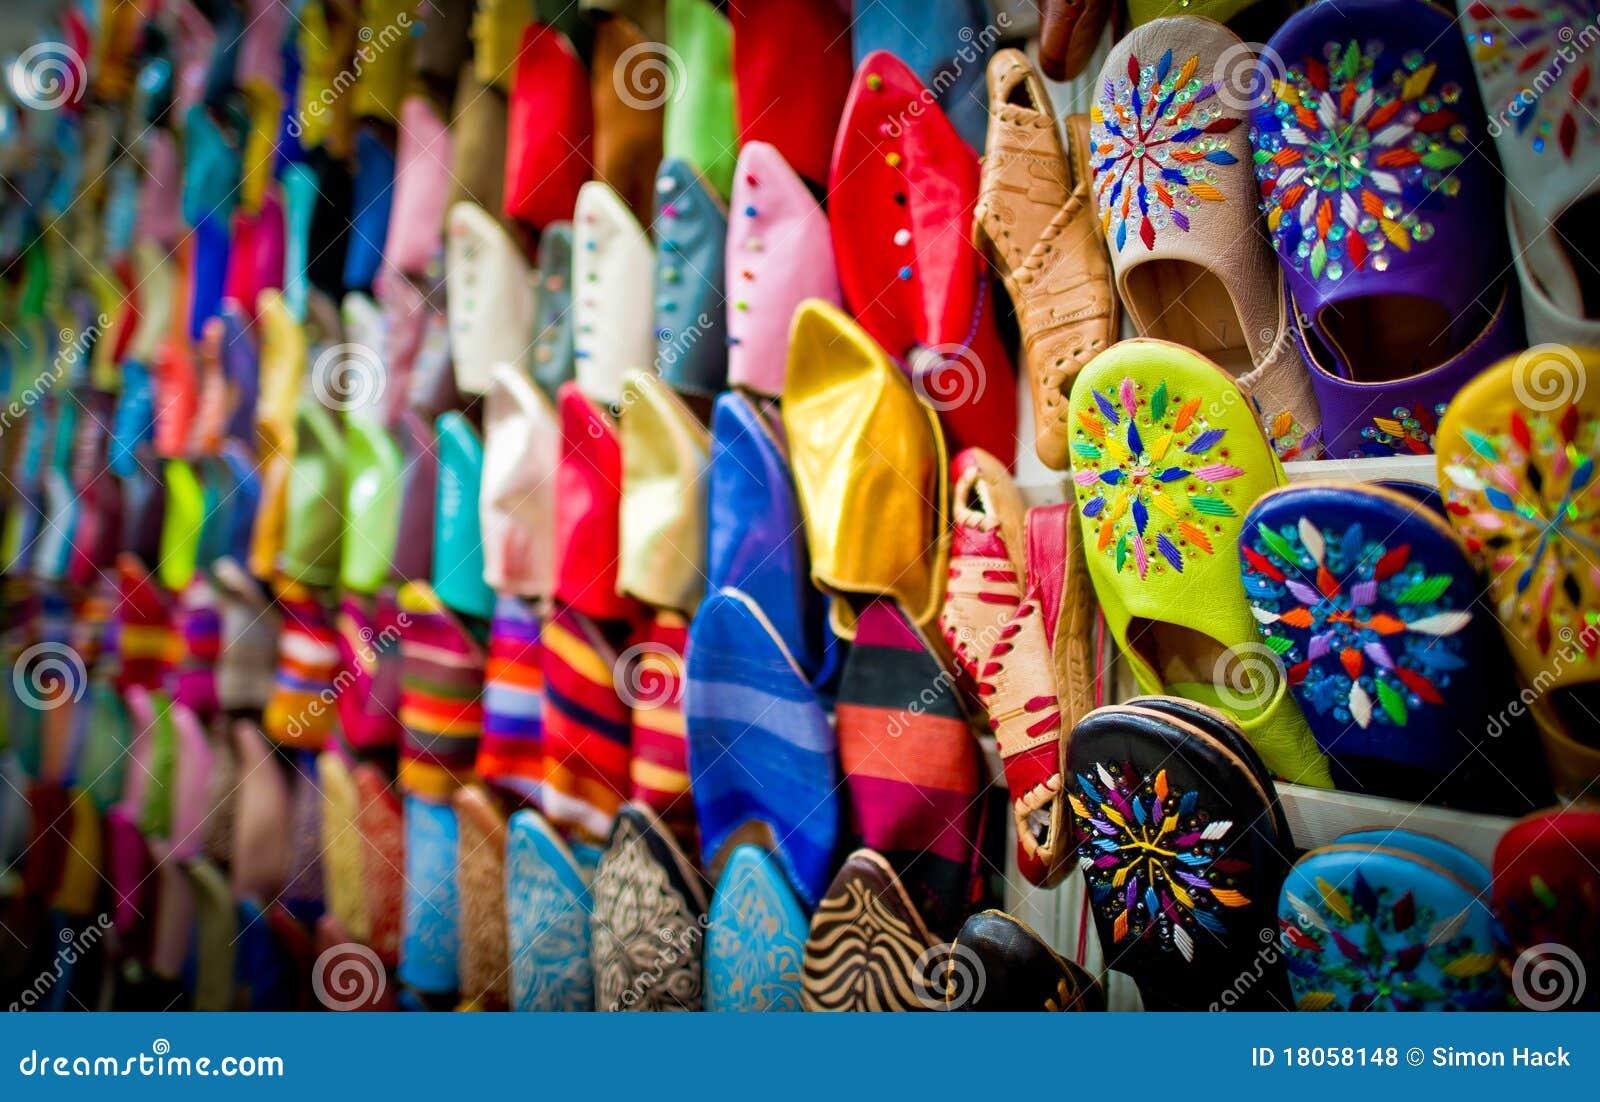 皮革马拉喀什摩洛哥拖鞋